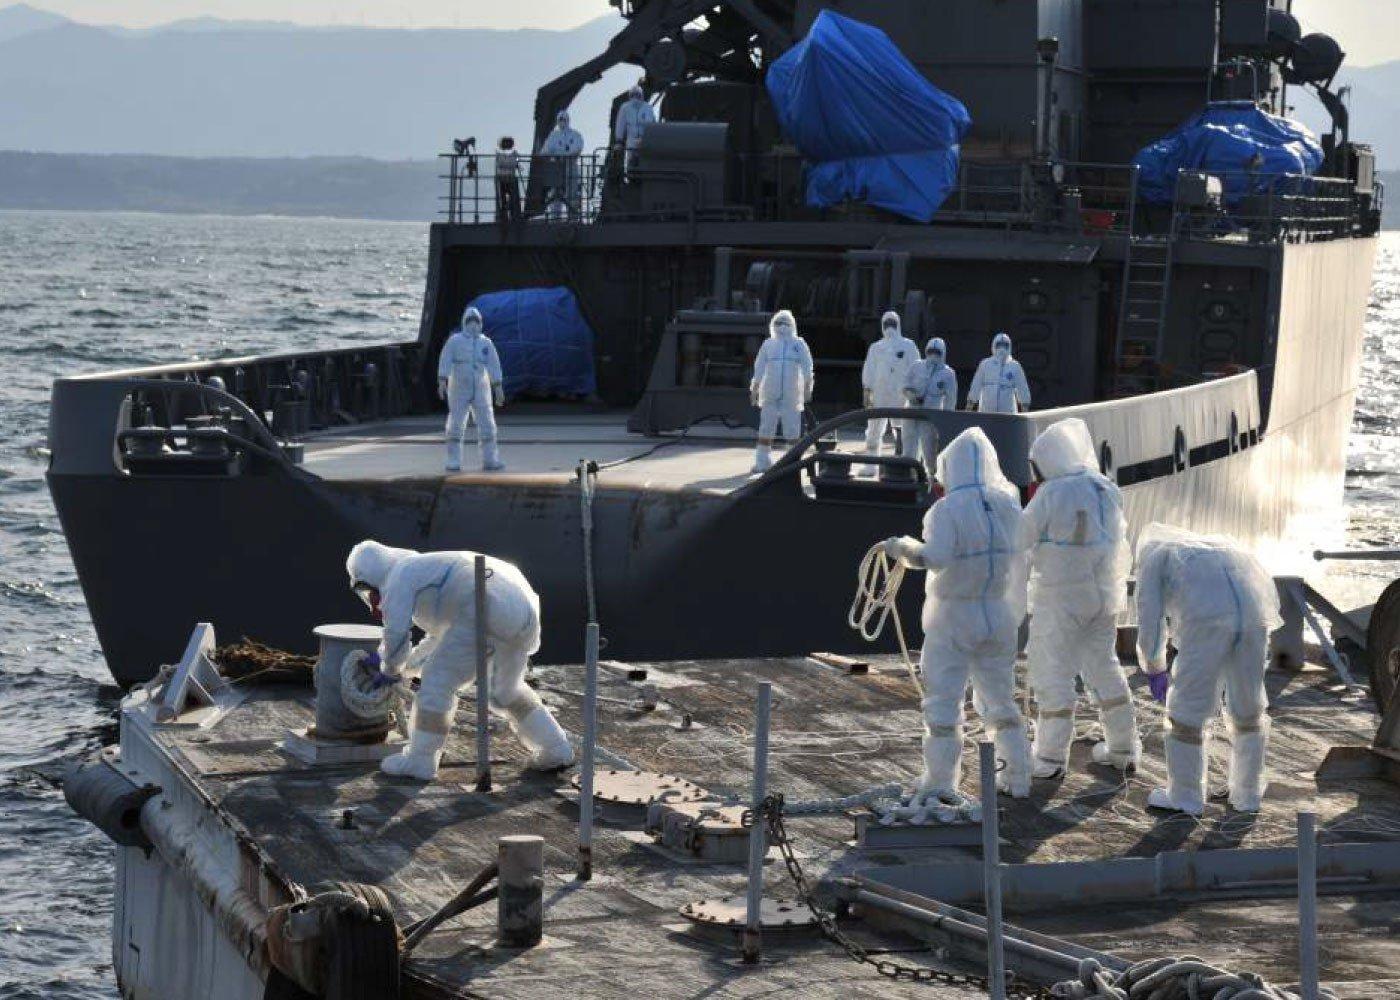 Arbeiten zur Kühlung der Reaktoren am havarierten Atomkraftwerk Fukushima im April 2011: Die Katastrophe begann am 11. März mit einem Erdbeben. Kurze Zeit später kam es in drei Reaktorblöcken zum Gau.